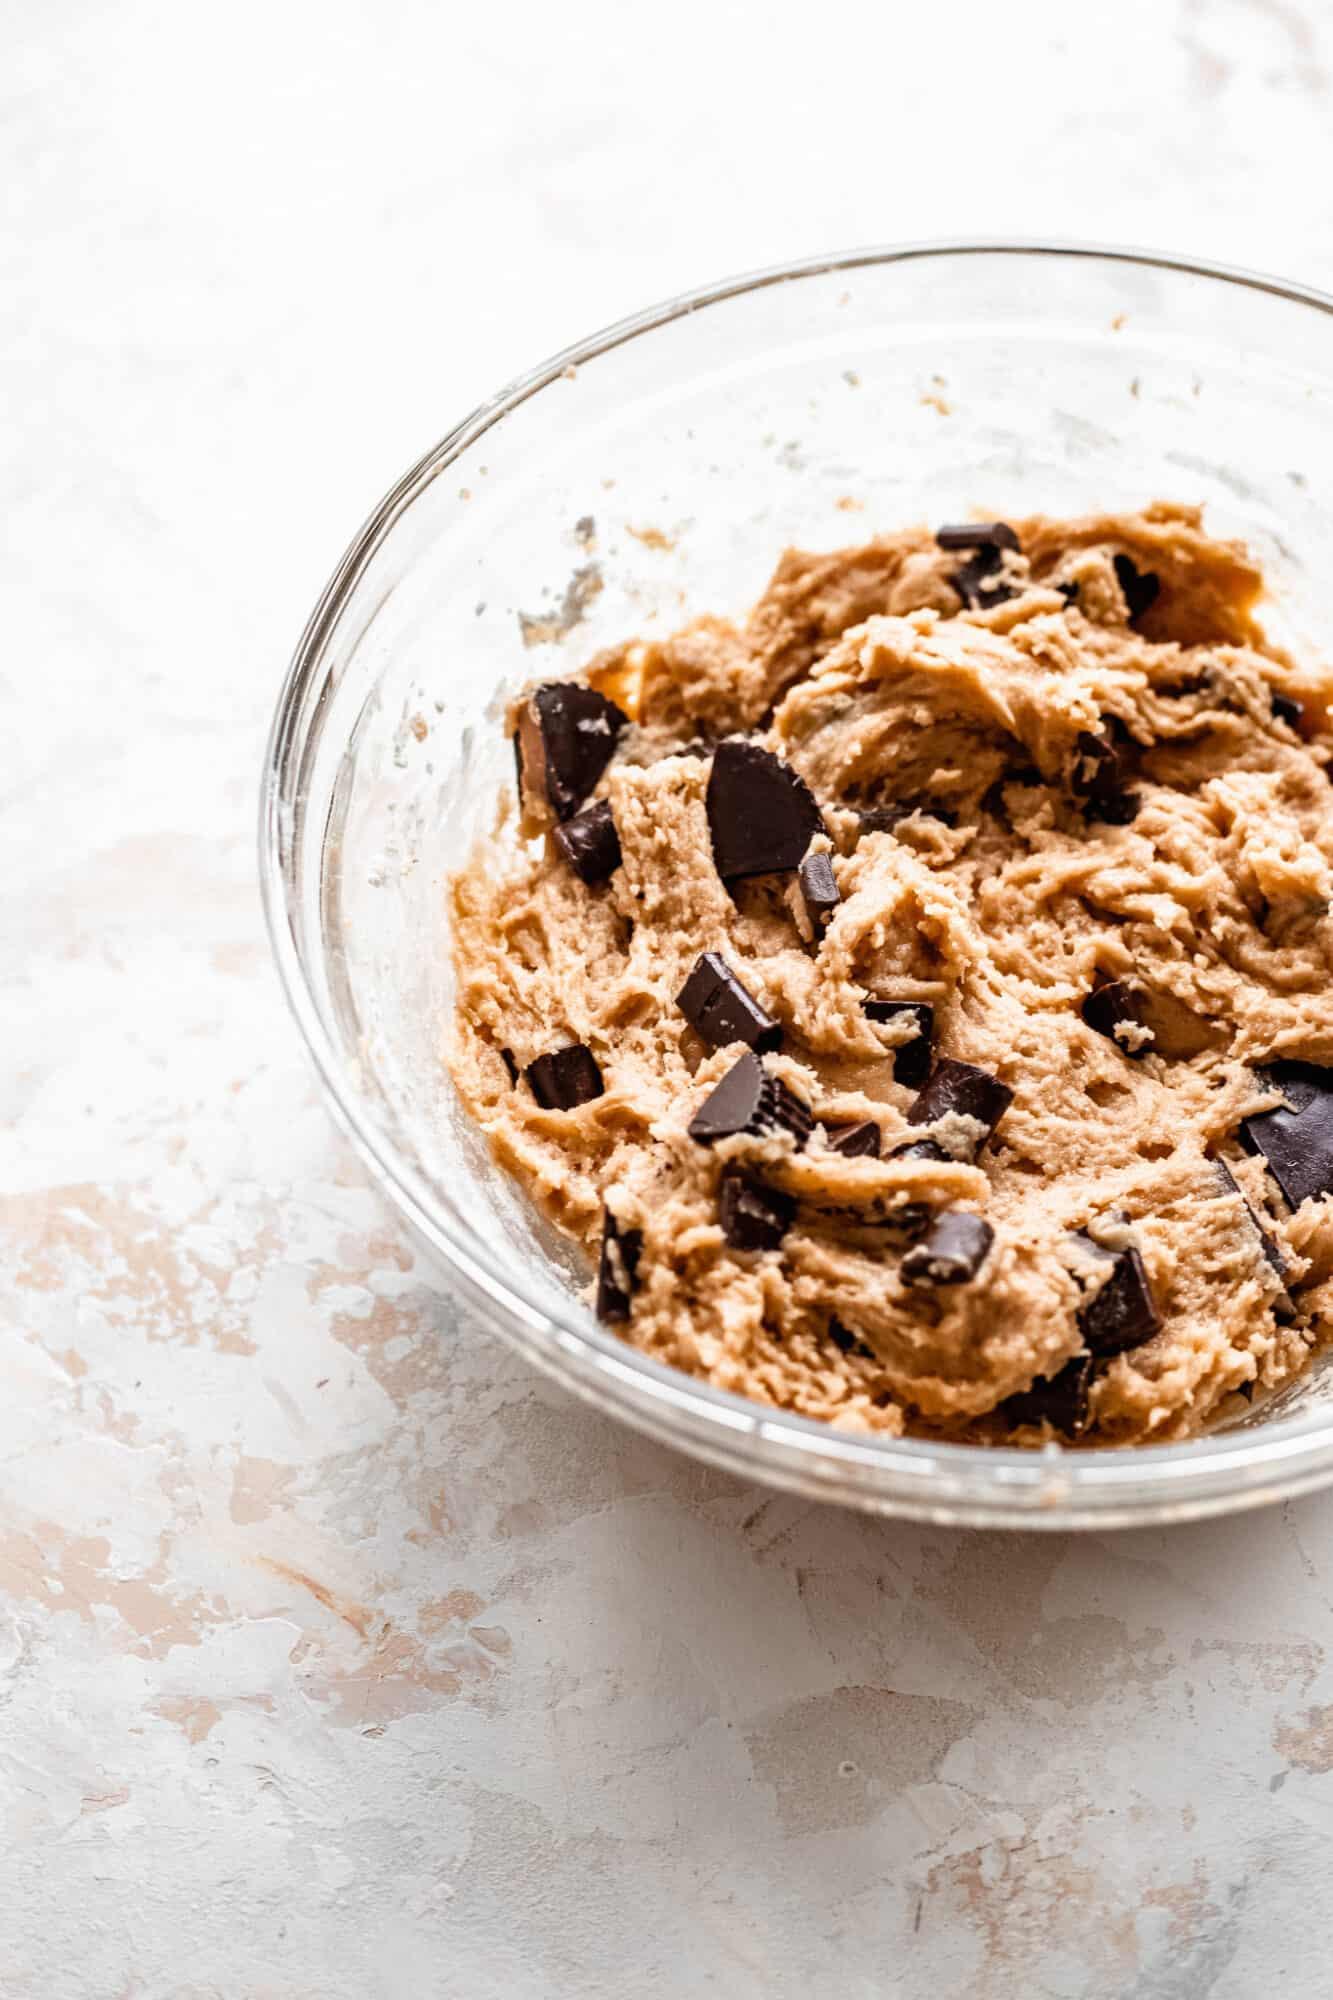 peanut butter cookie dough batter